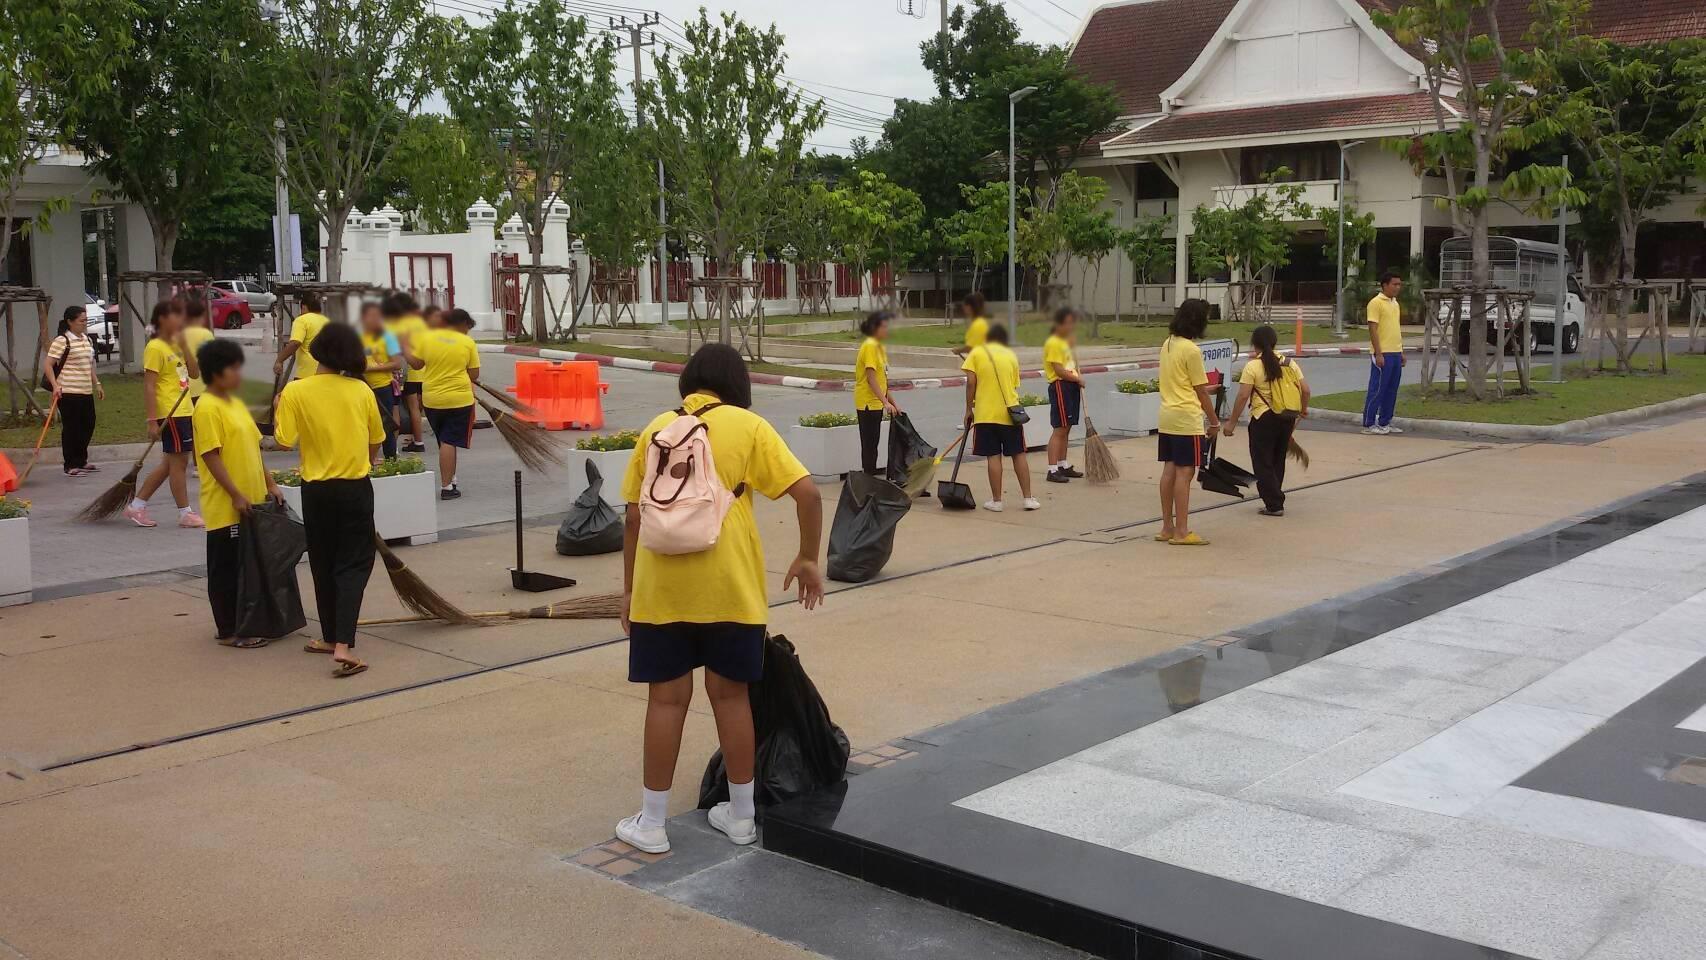 วันที่ 12 กรกฎาคม 2561 ทีมสหวิชาชีพจากบ้านราชาวดีหญิง พร้อมเด็กในความอุปการระ ร่วมกันทำความสะอาด ณ วัดชลประทาน  (จิตอาสา รุ่นที่2)